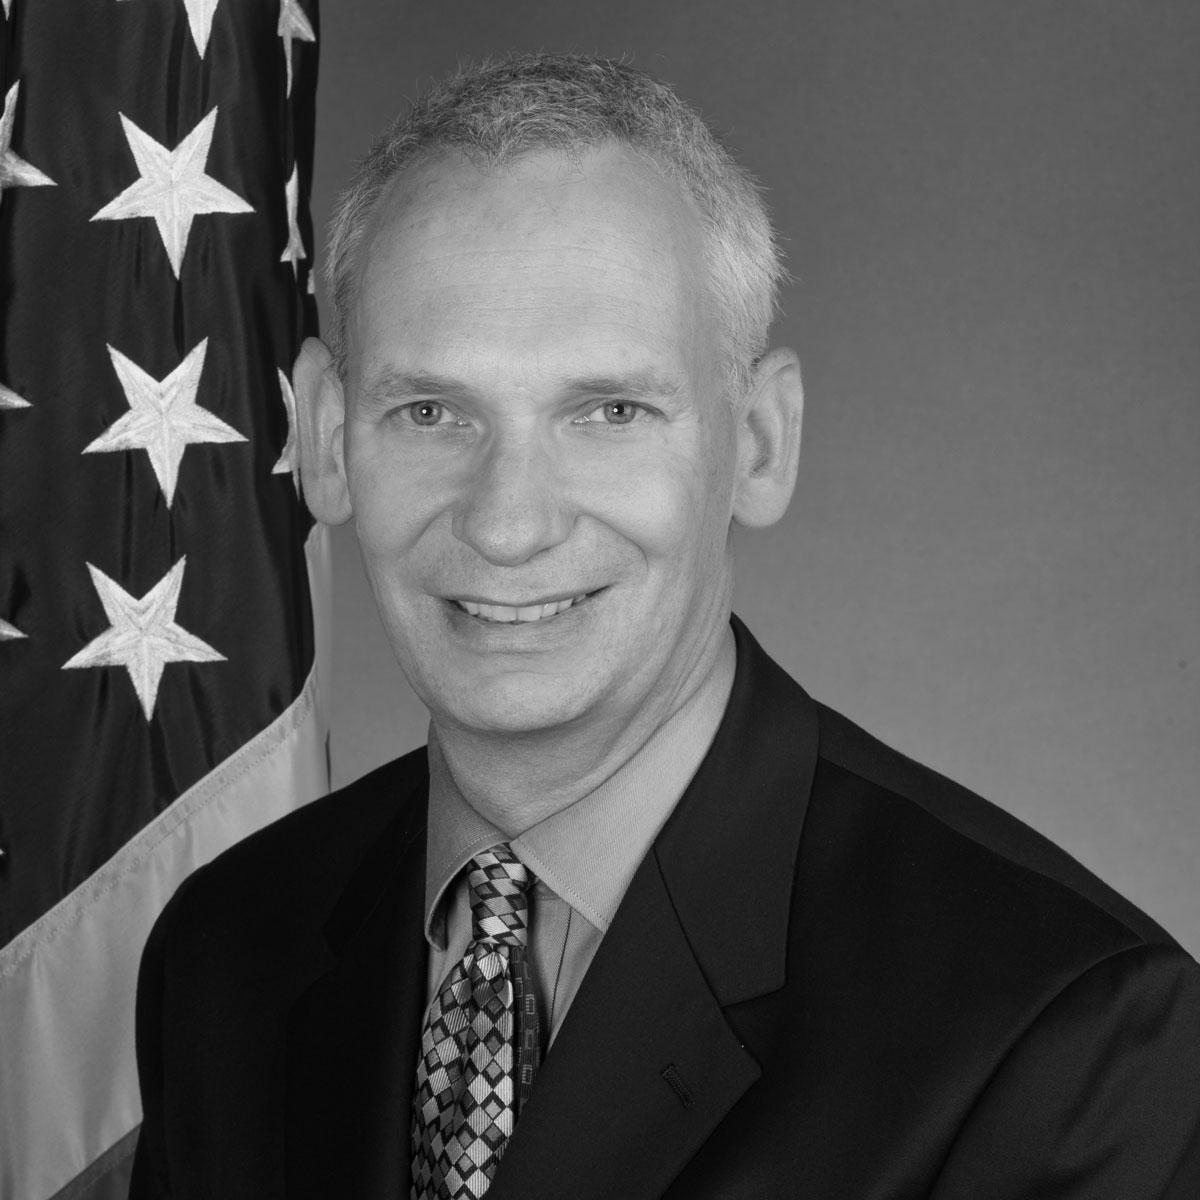 William J. Wiatrowski